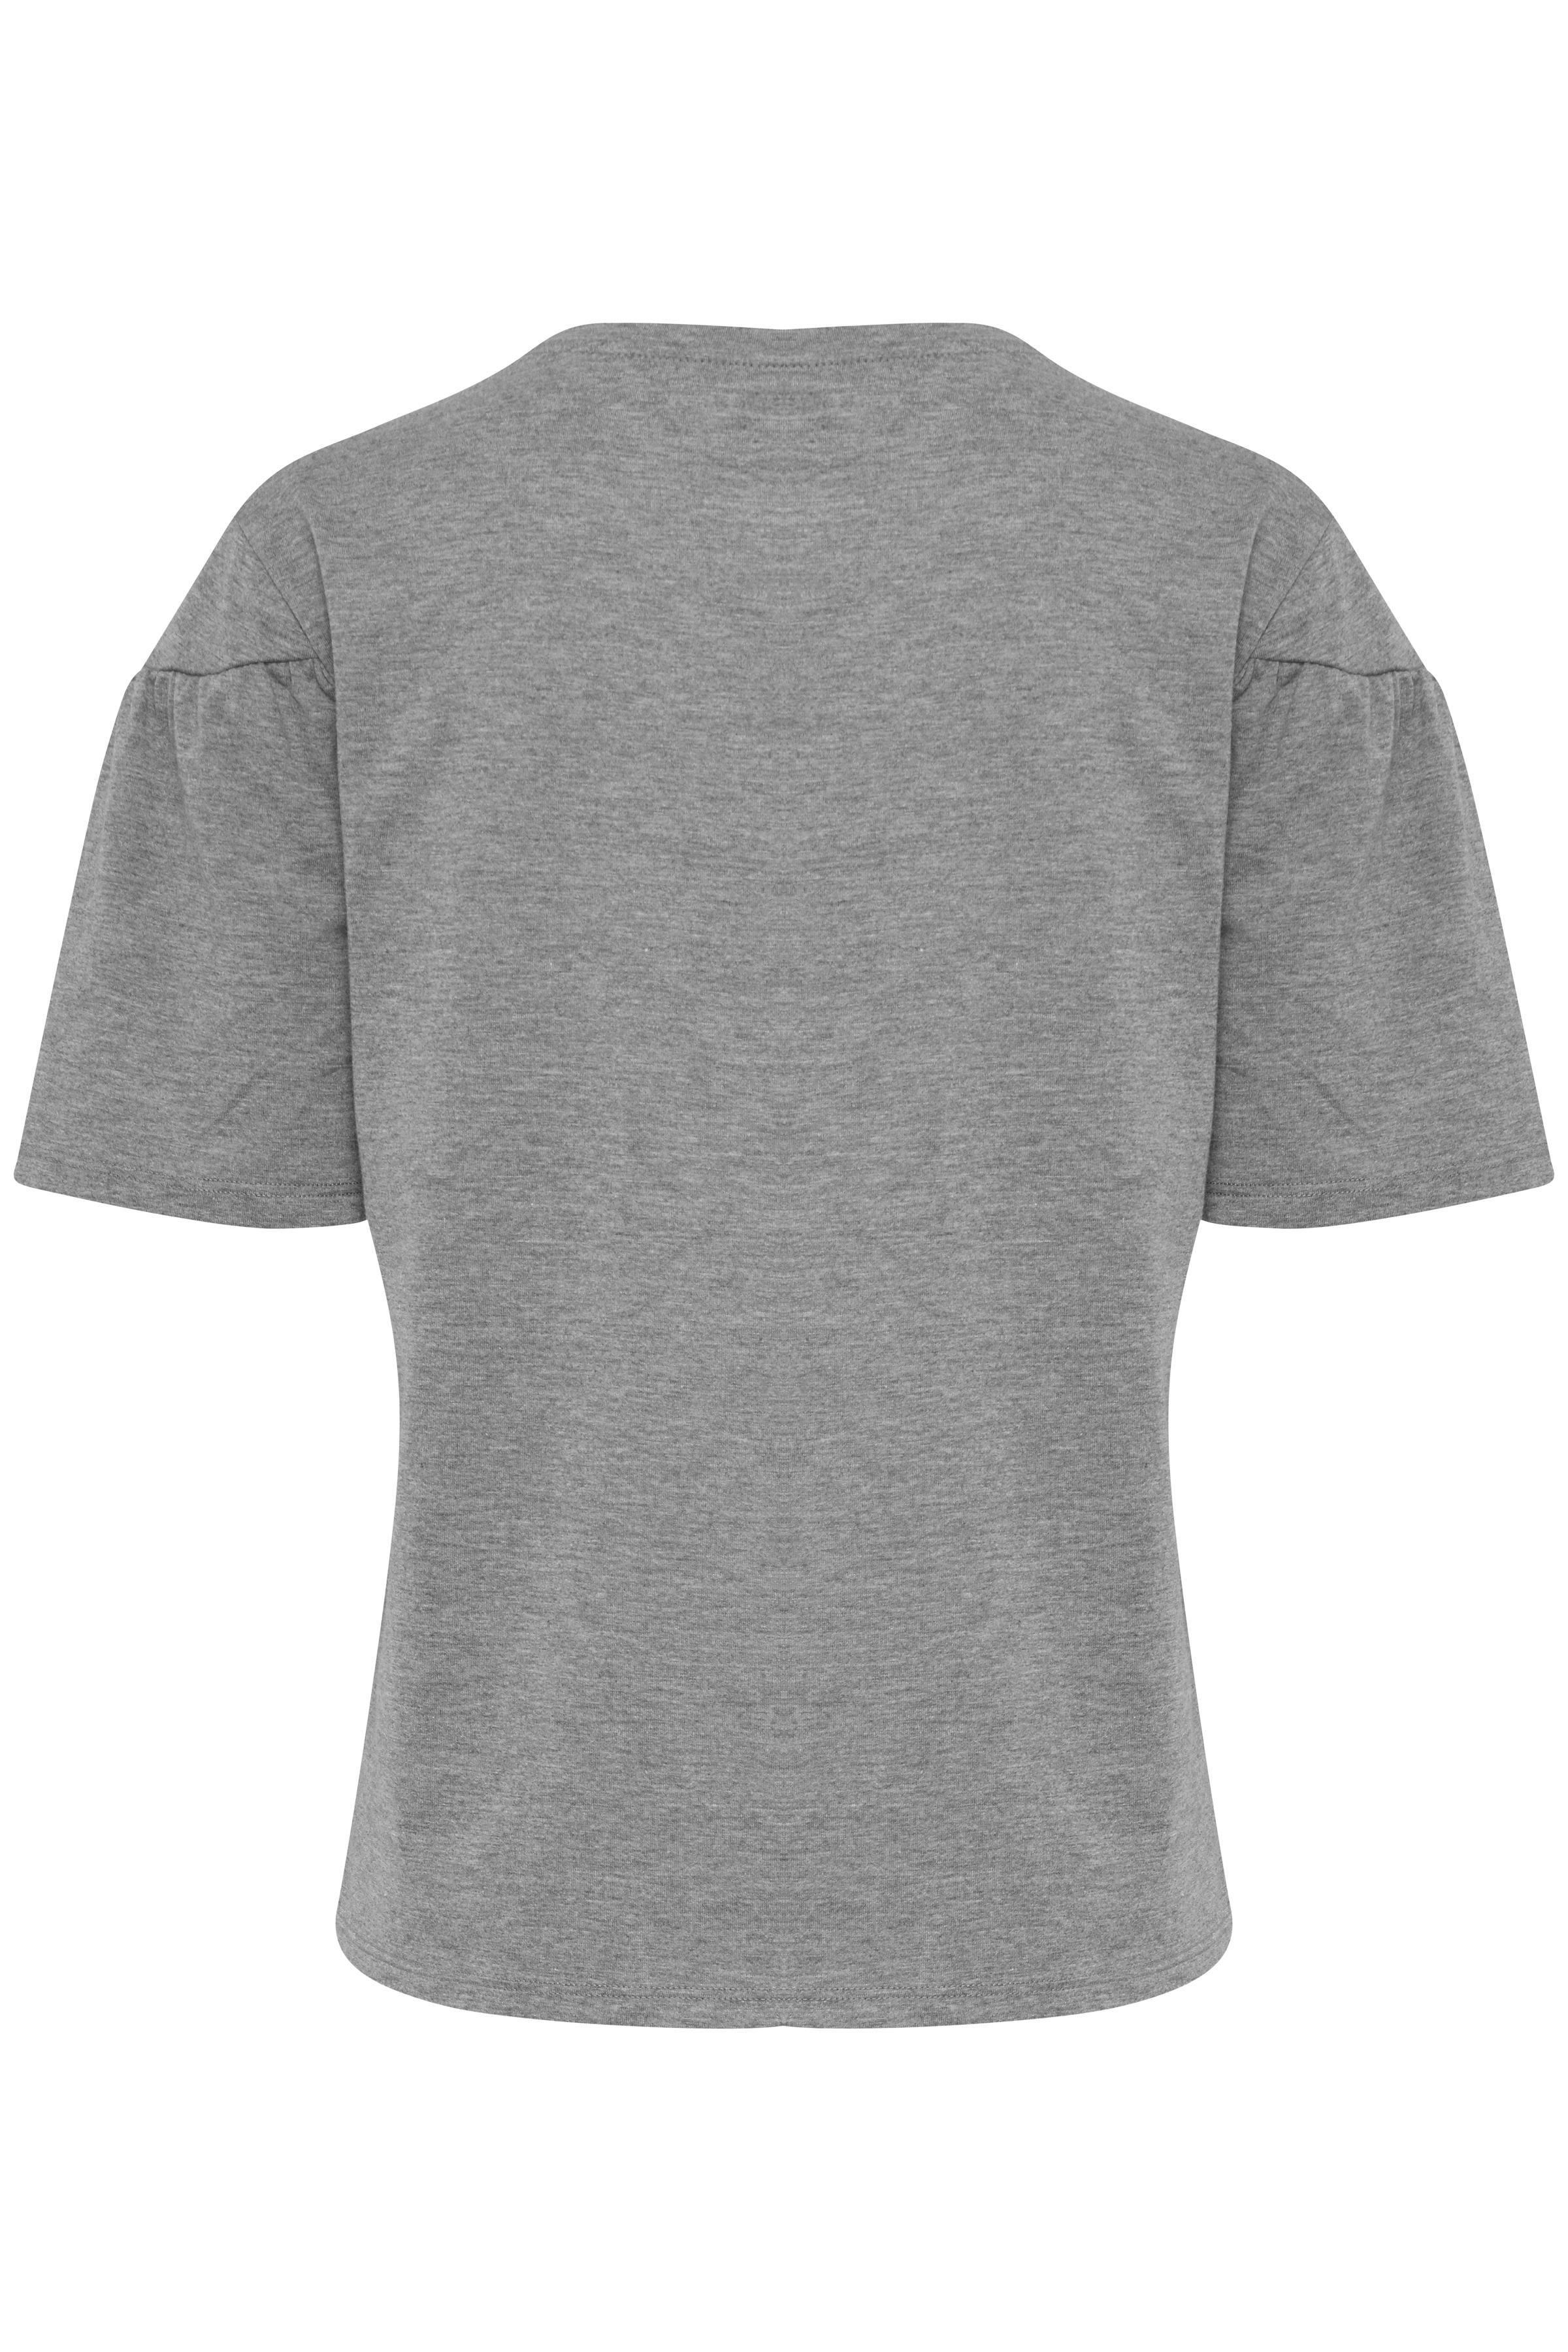 Light Grey Melange T-Shirt – Køb Light Grey Melange T-Shirt fra str. XS-XXL her